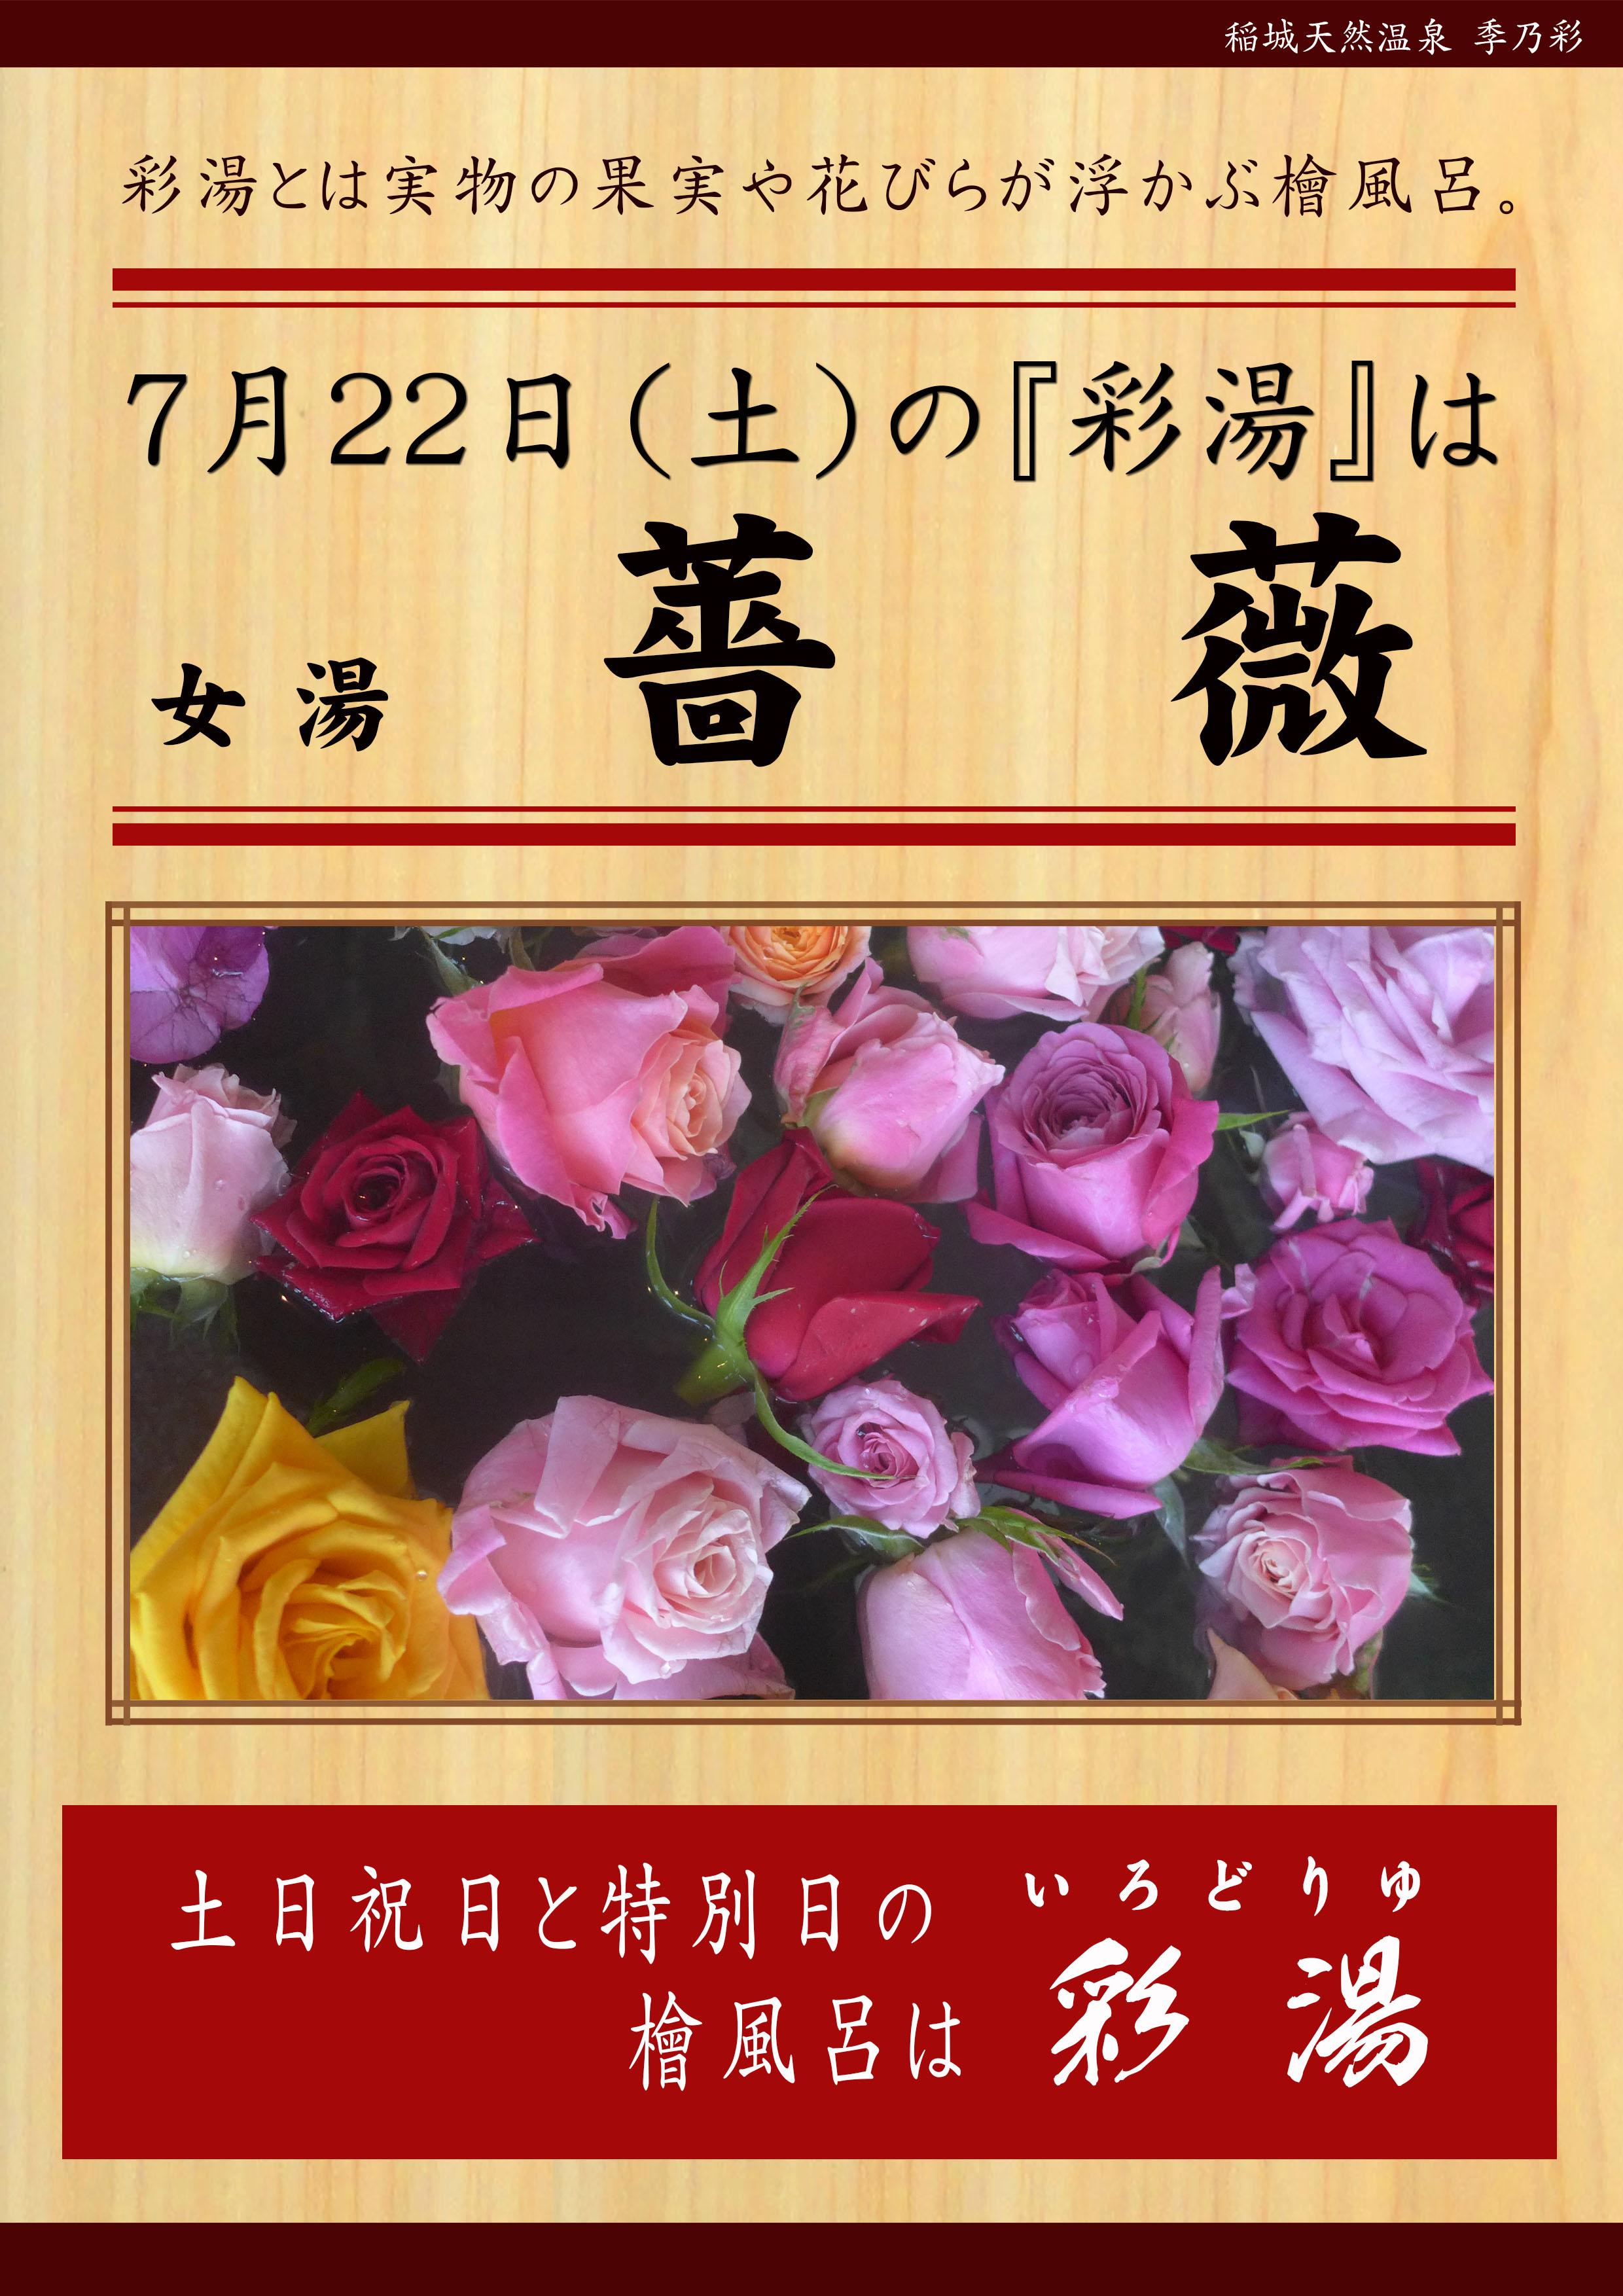 20170722POP イベント 彩湯 女湯 薔薇